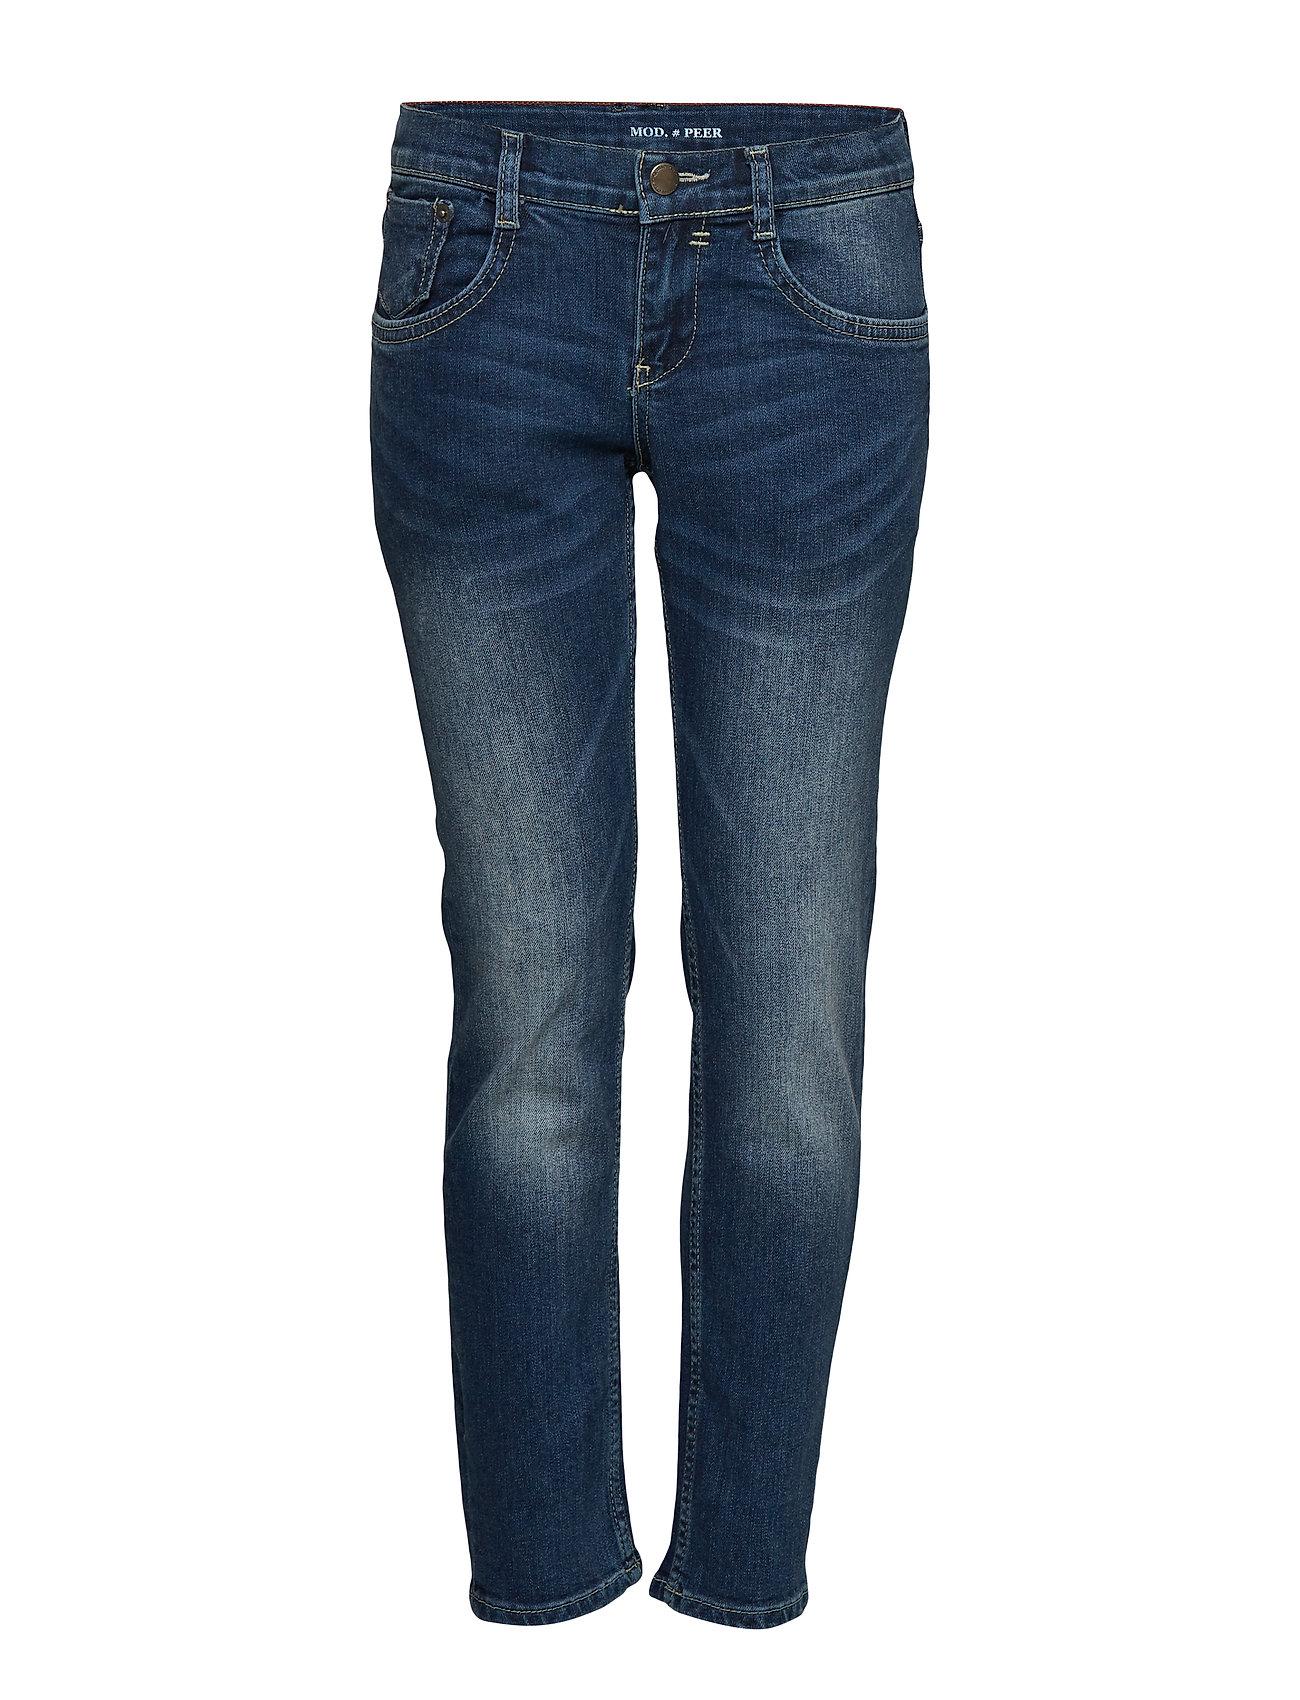 Marc O'Polo Junior Jeanshose - BLUE DENIM-BLUE